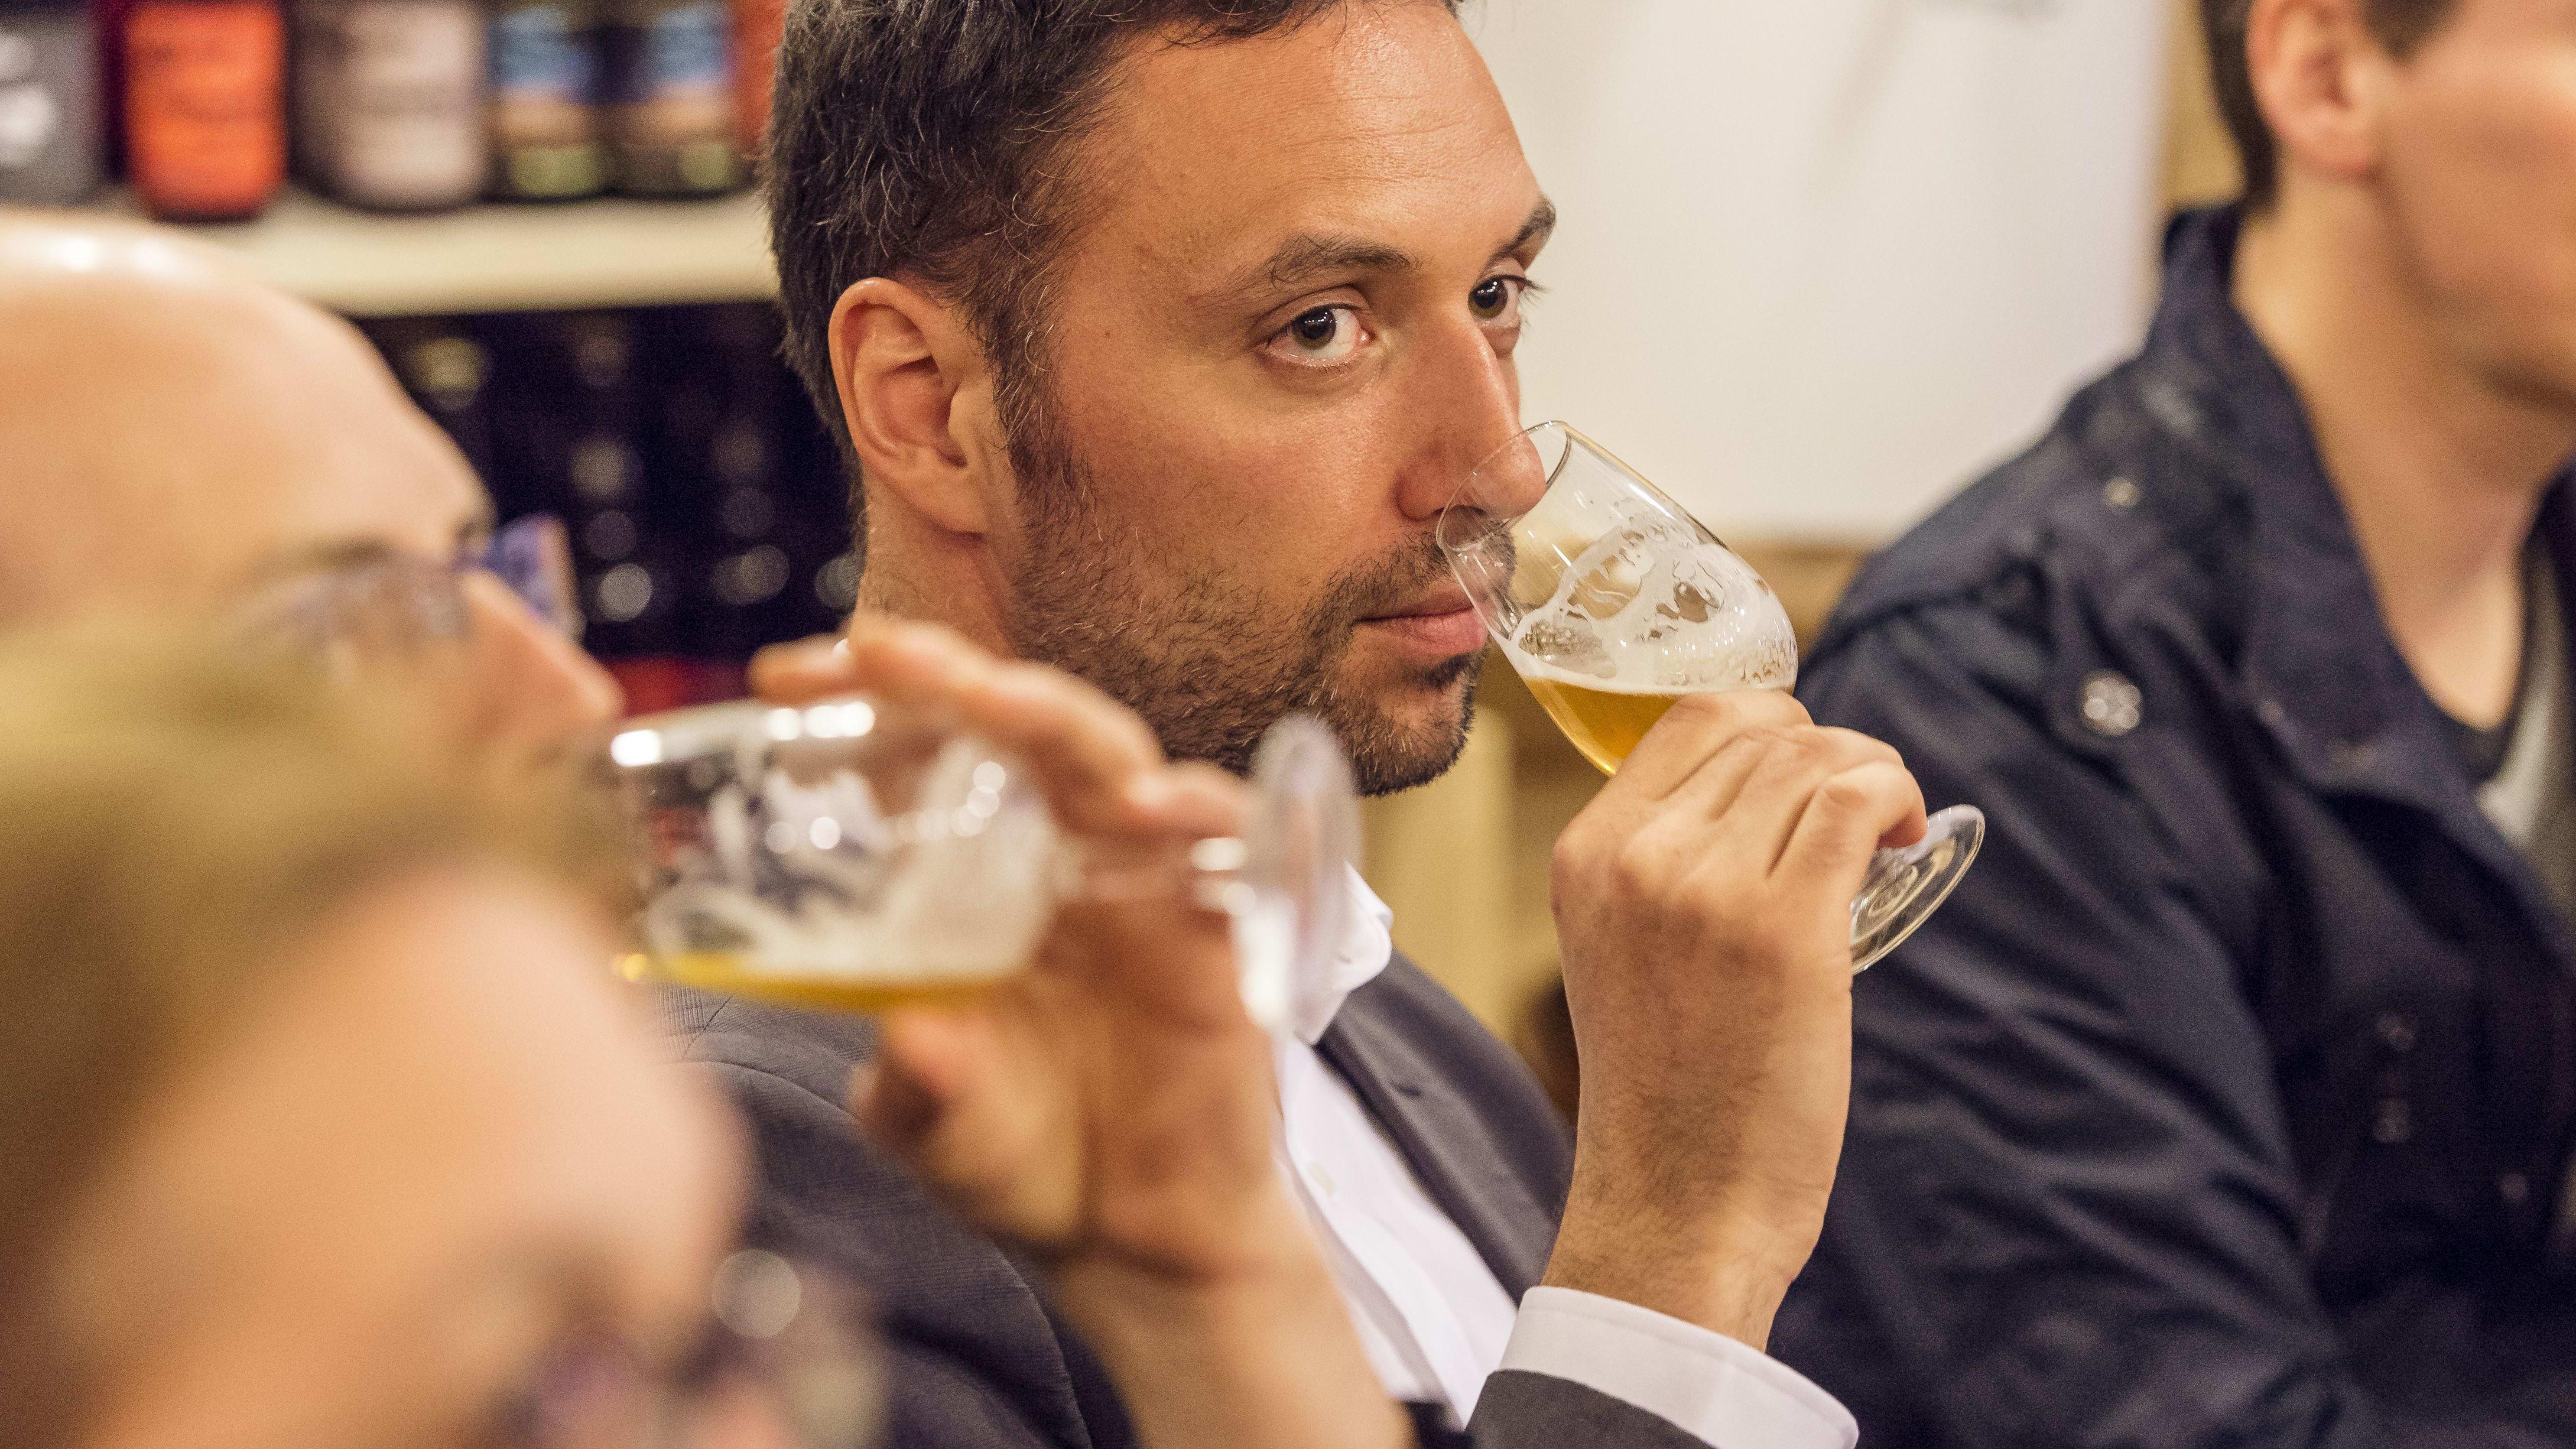 personnes effectuant une dégustation de bière